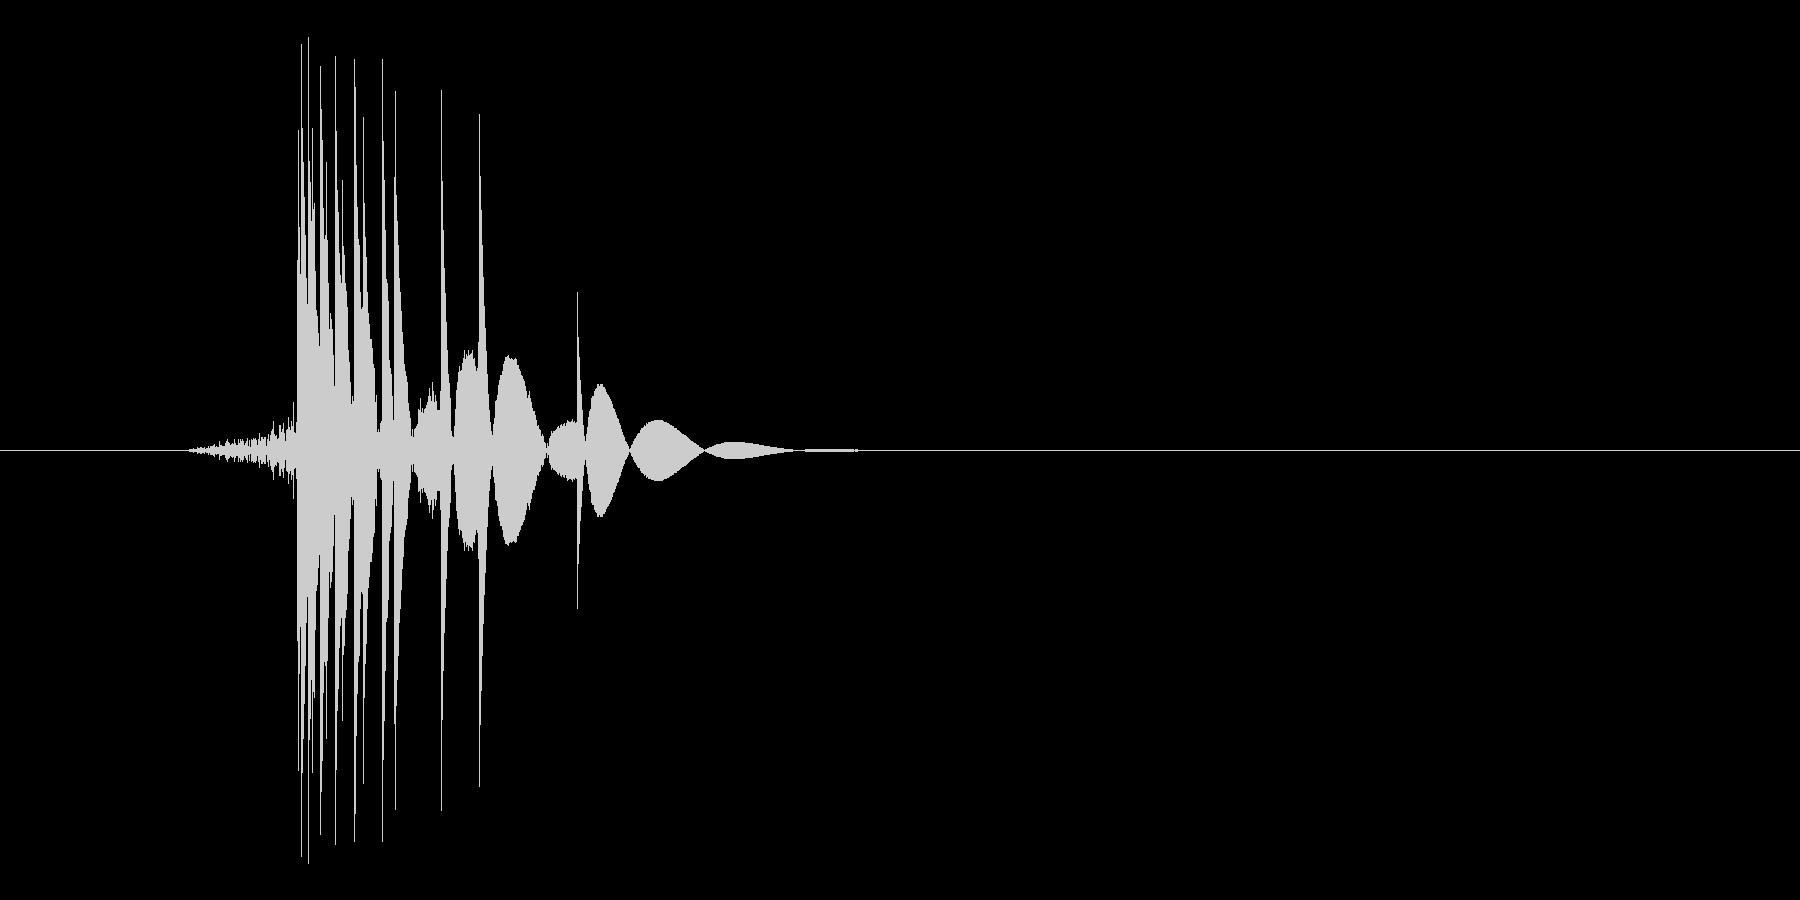 ゲーム(ファミコン風)ヒット音_003の未再生の波形